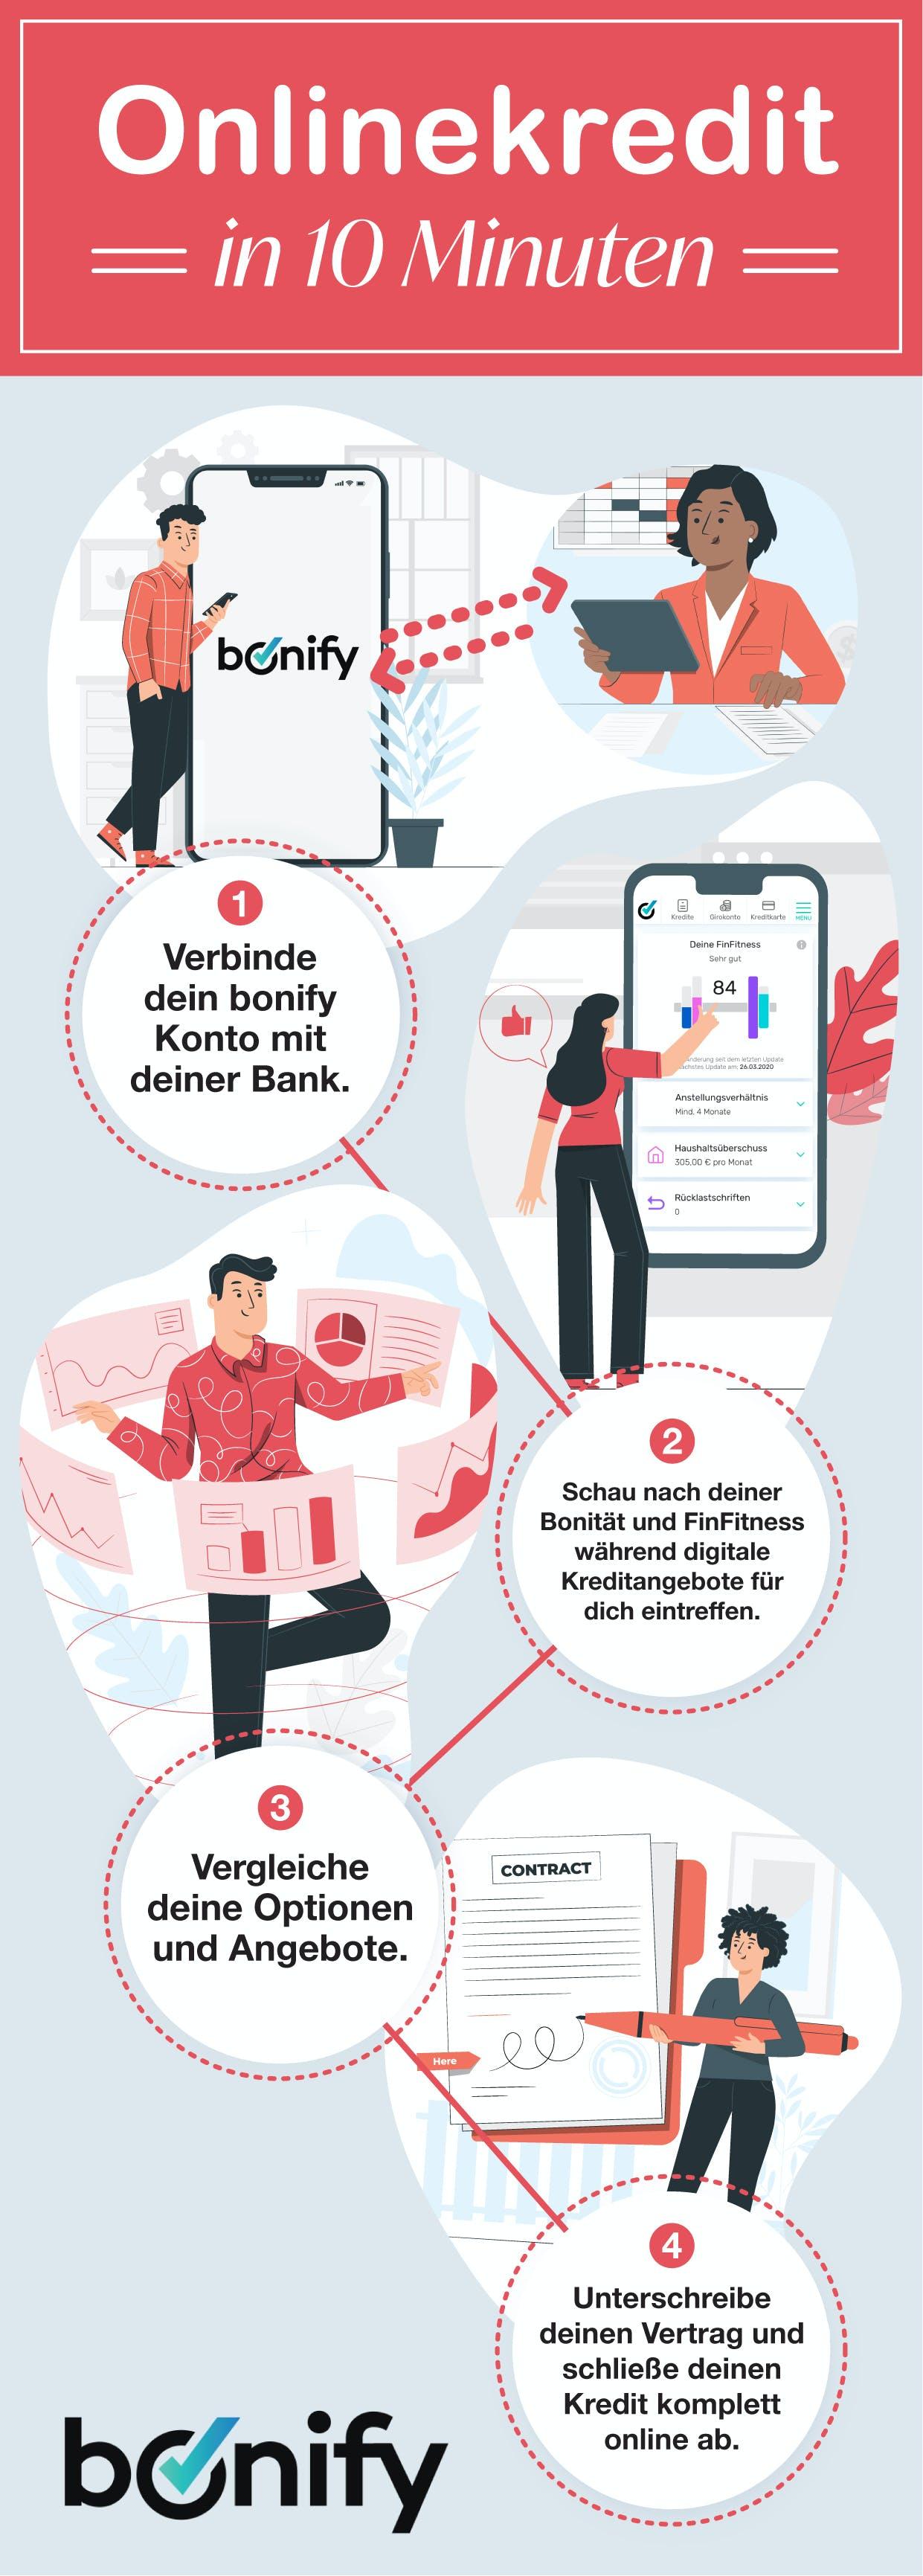 Onlinekredit in 10 Minuten - so funktionierts